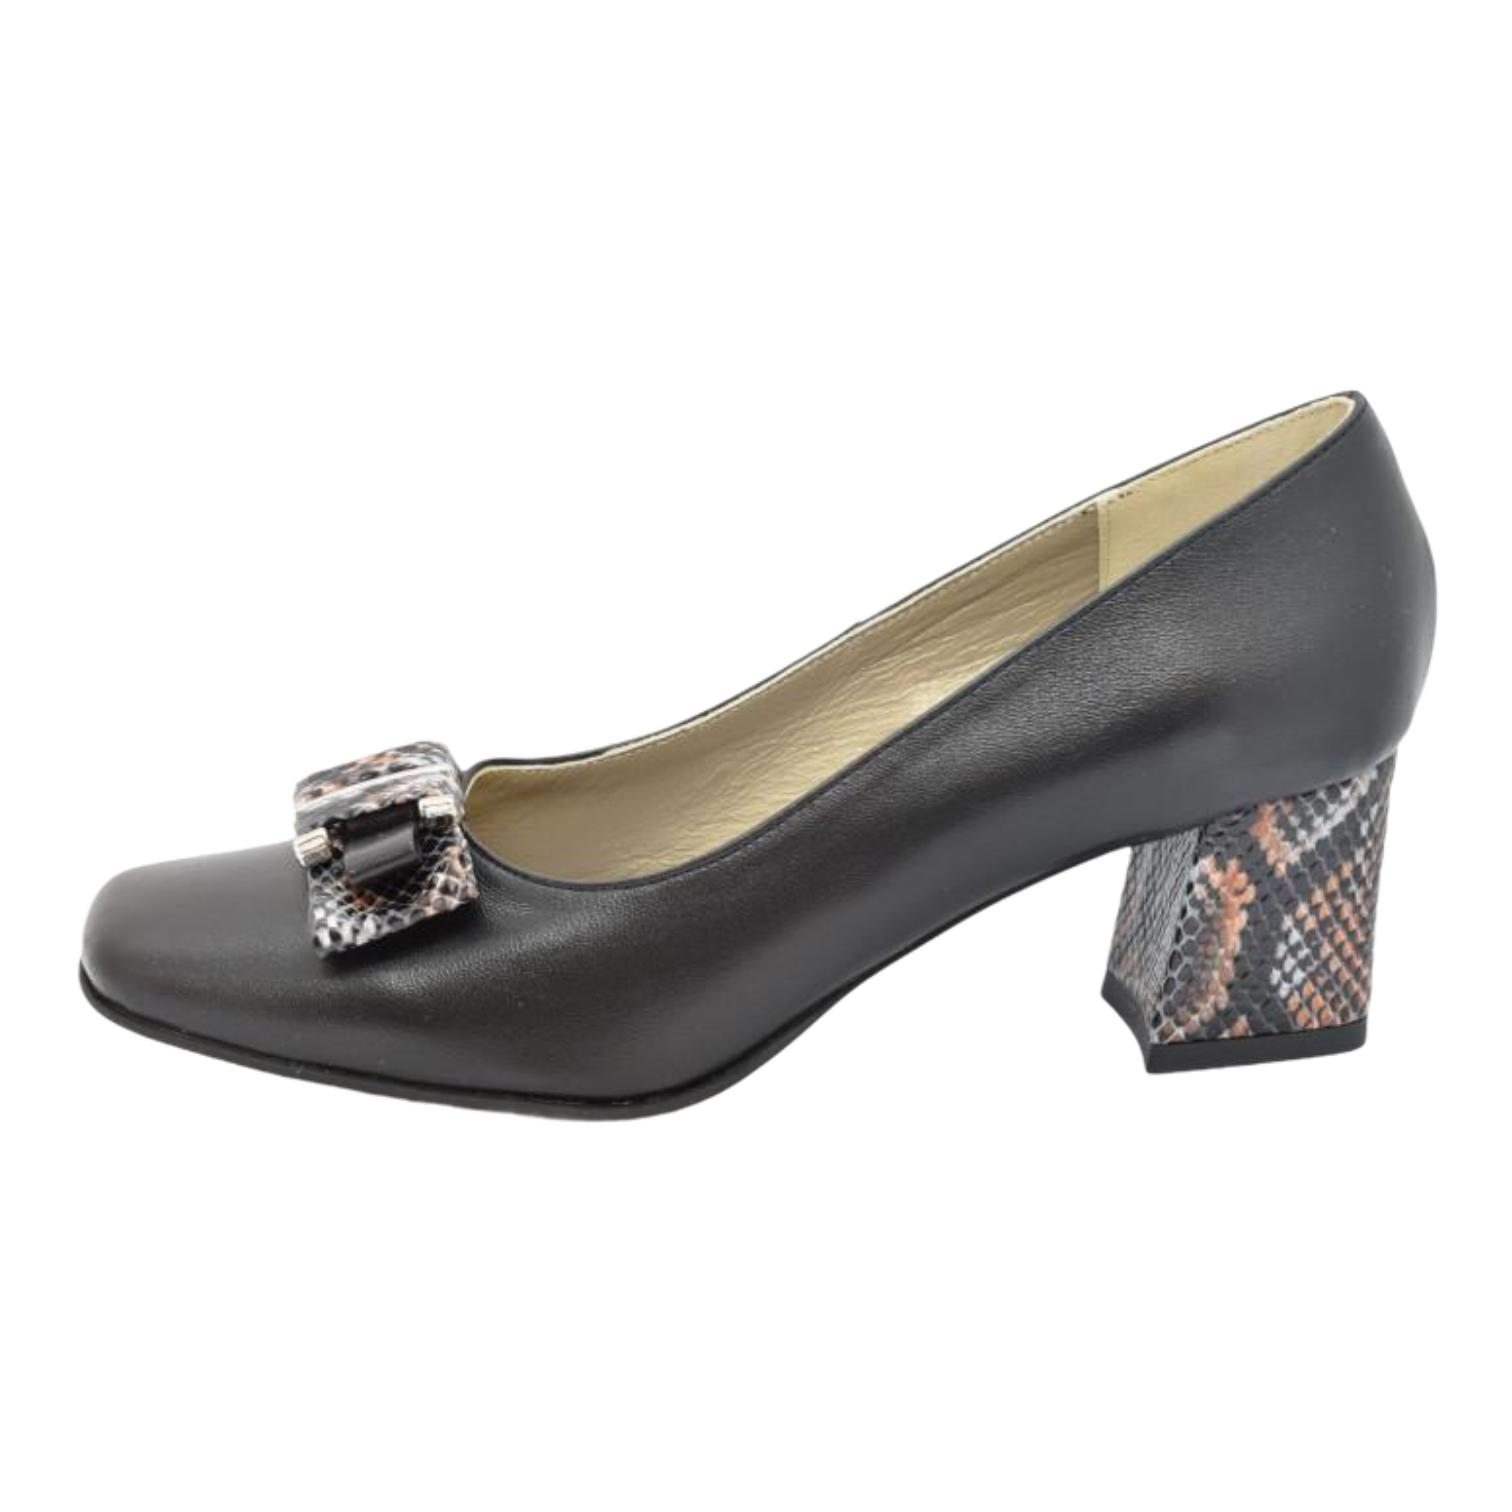 Pantofi negri cu accesoriu tip fundita si toc cu model